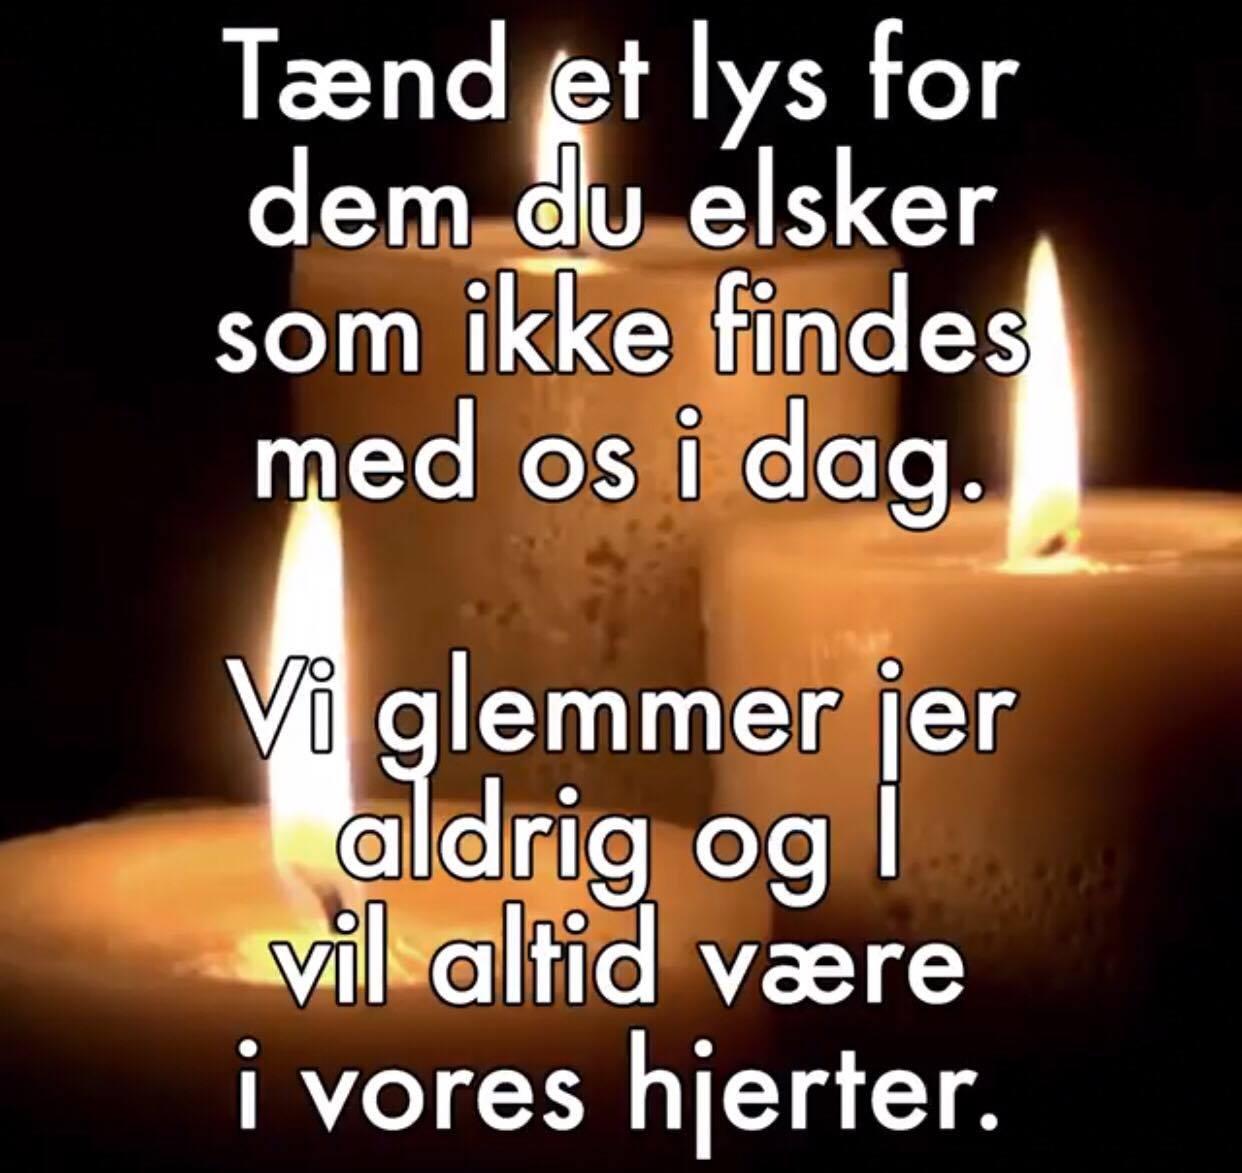 søde citater Tænd   Top citater på Dansk, Søde citater, Kærligheds citater.. søde citater